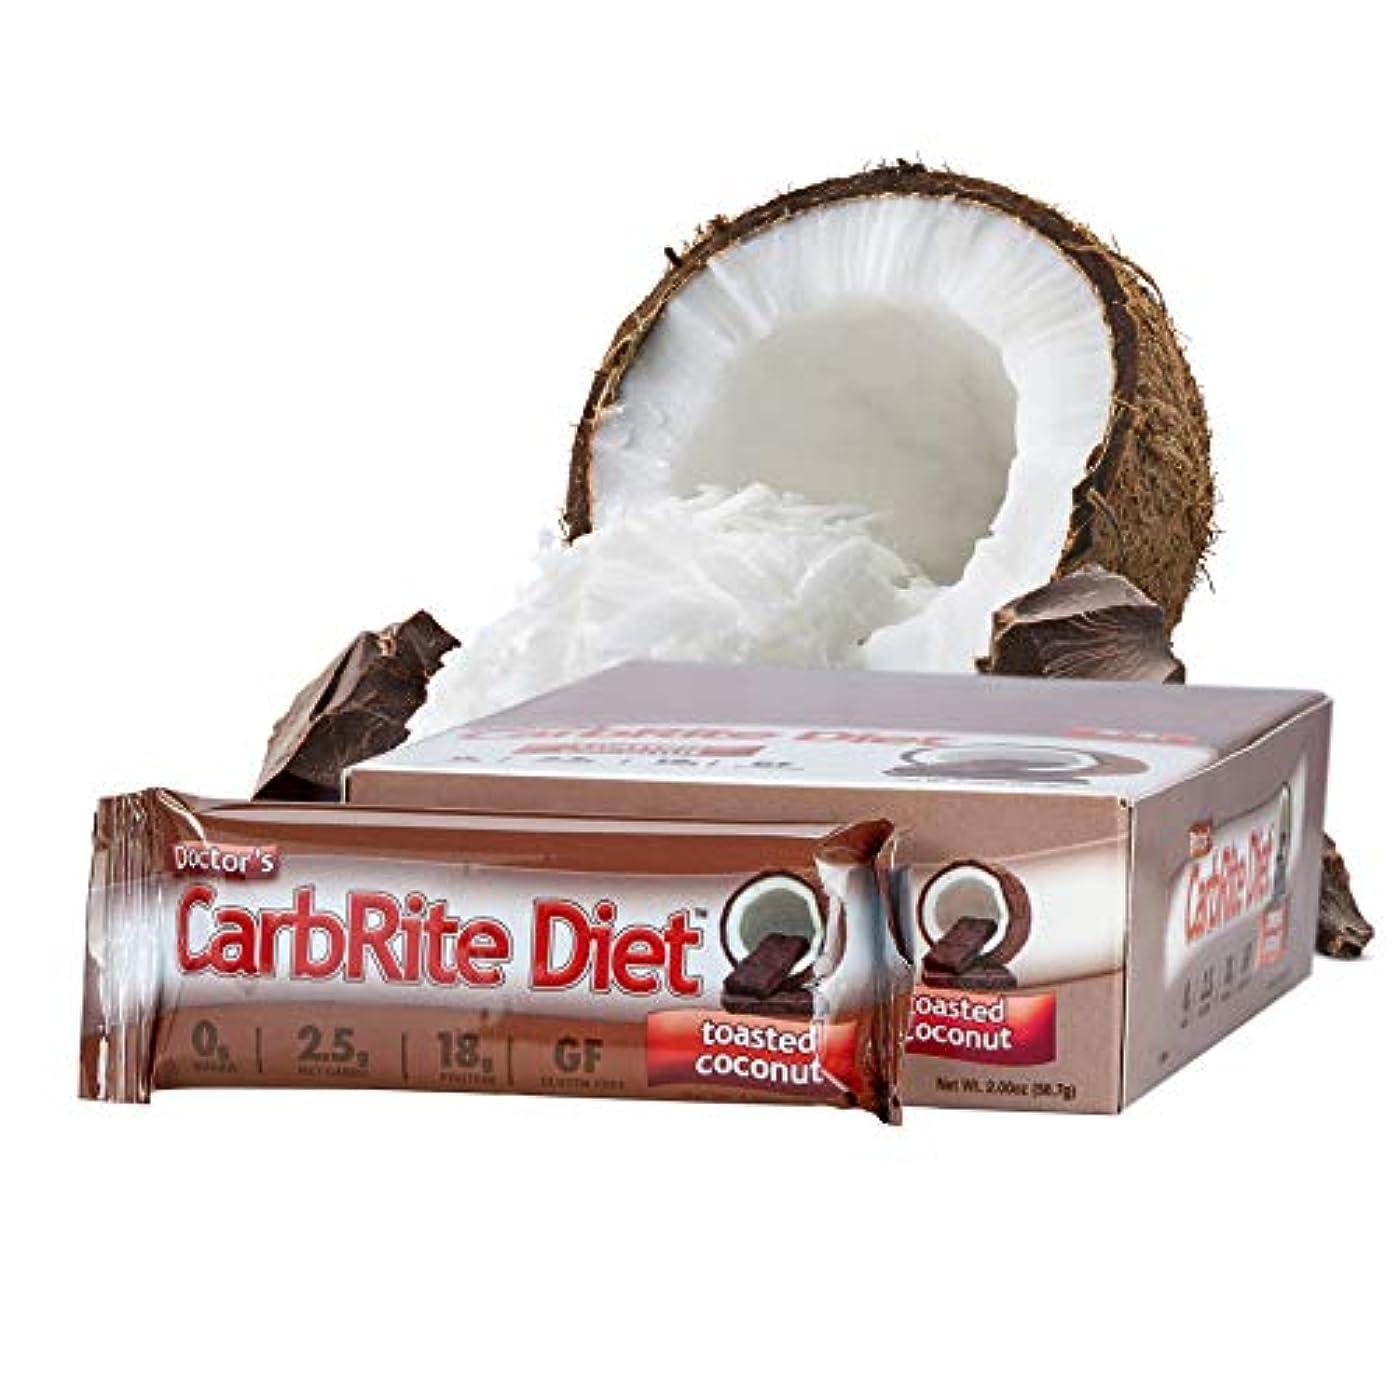 最後のハッピー哲学博士Universal Nutrition - Doctor's CarbRite ダイエット バー ボックス トースト ココナッツ - 1バー